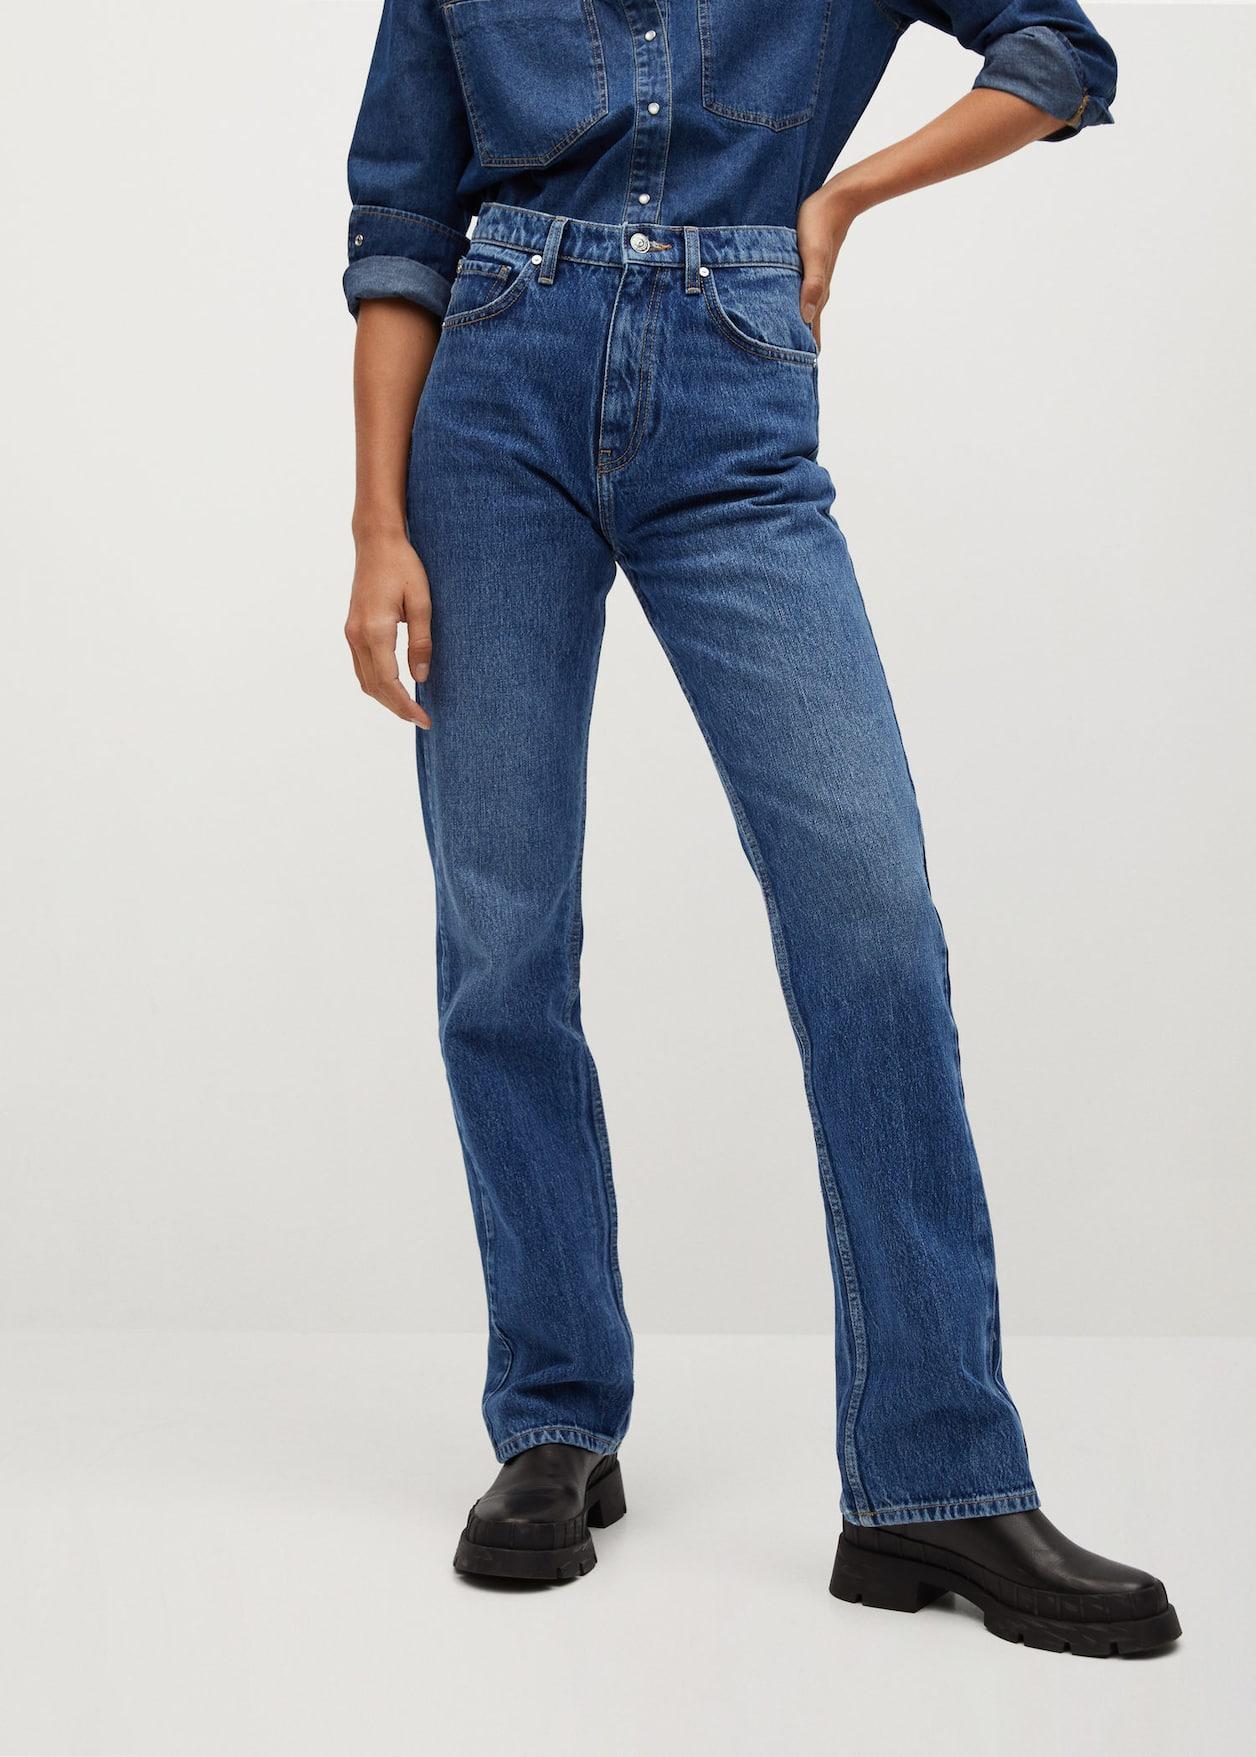 Джинсы | Flare джинсы Mango